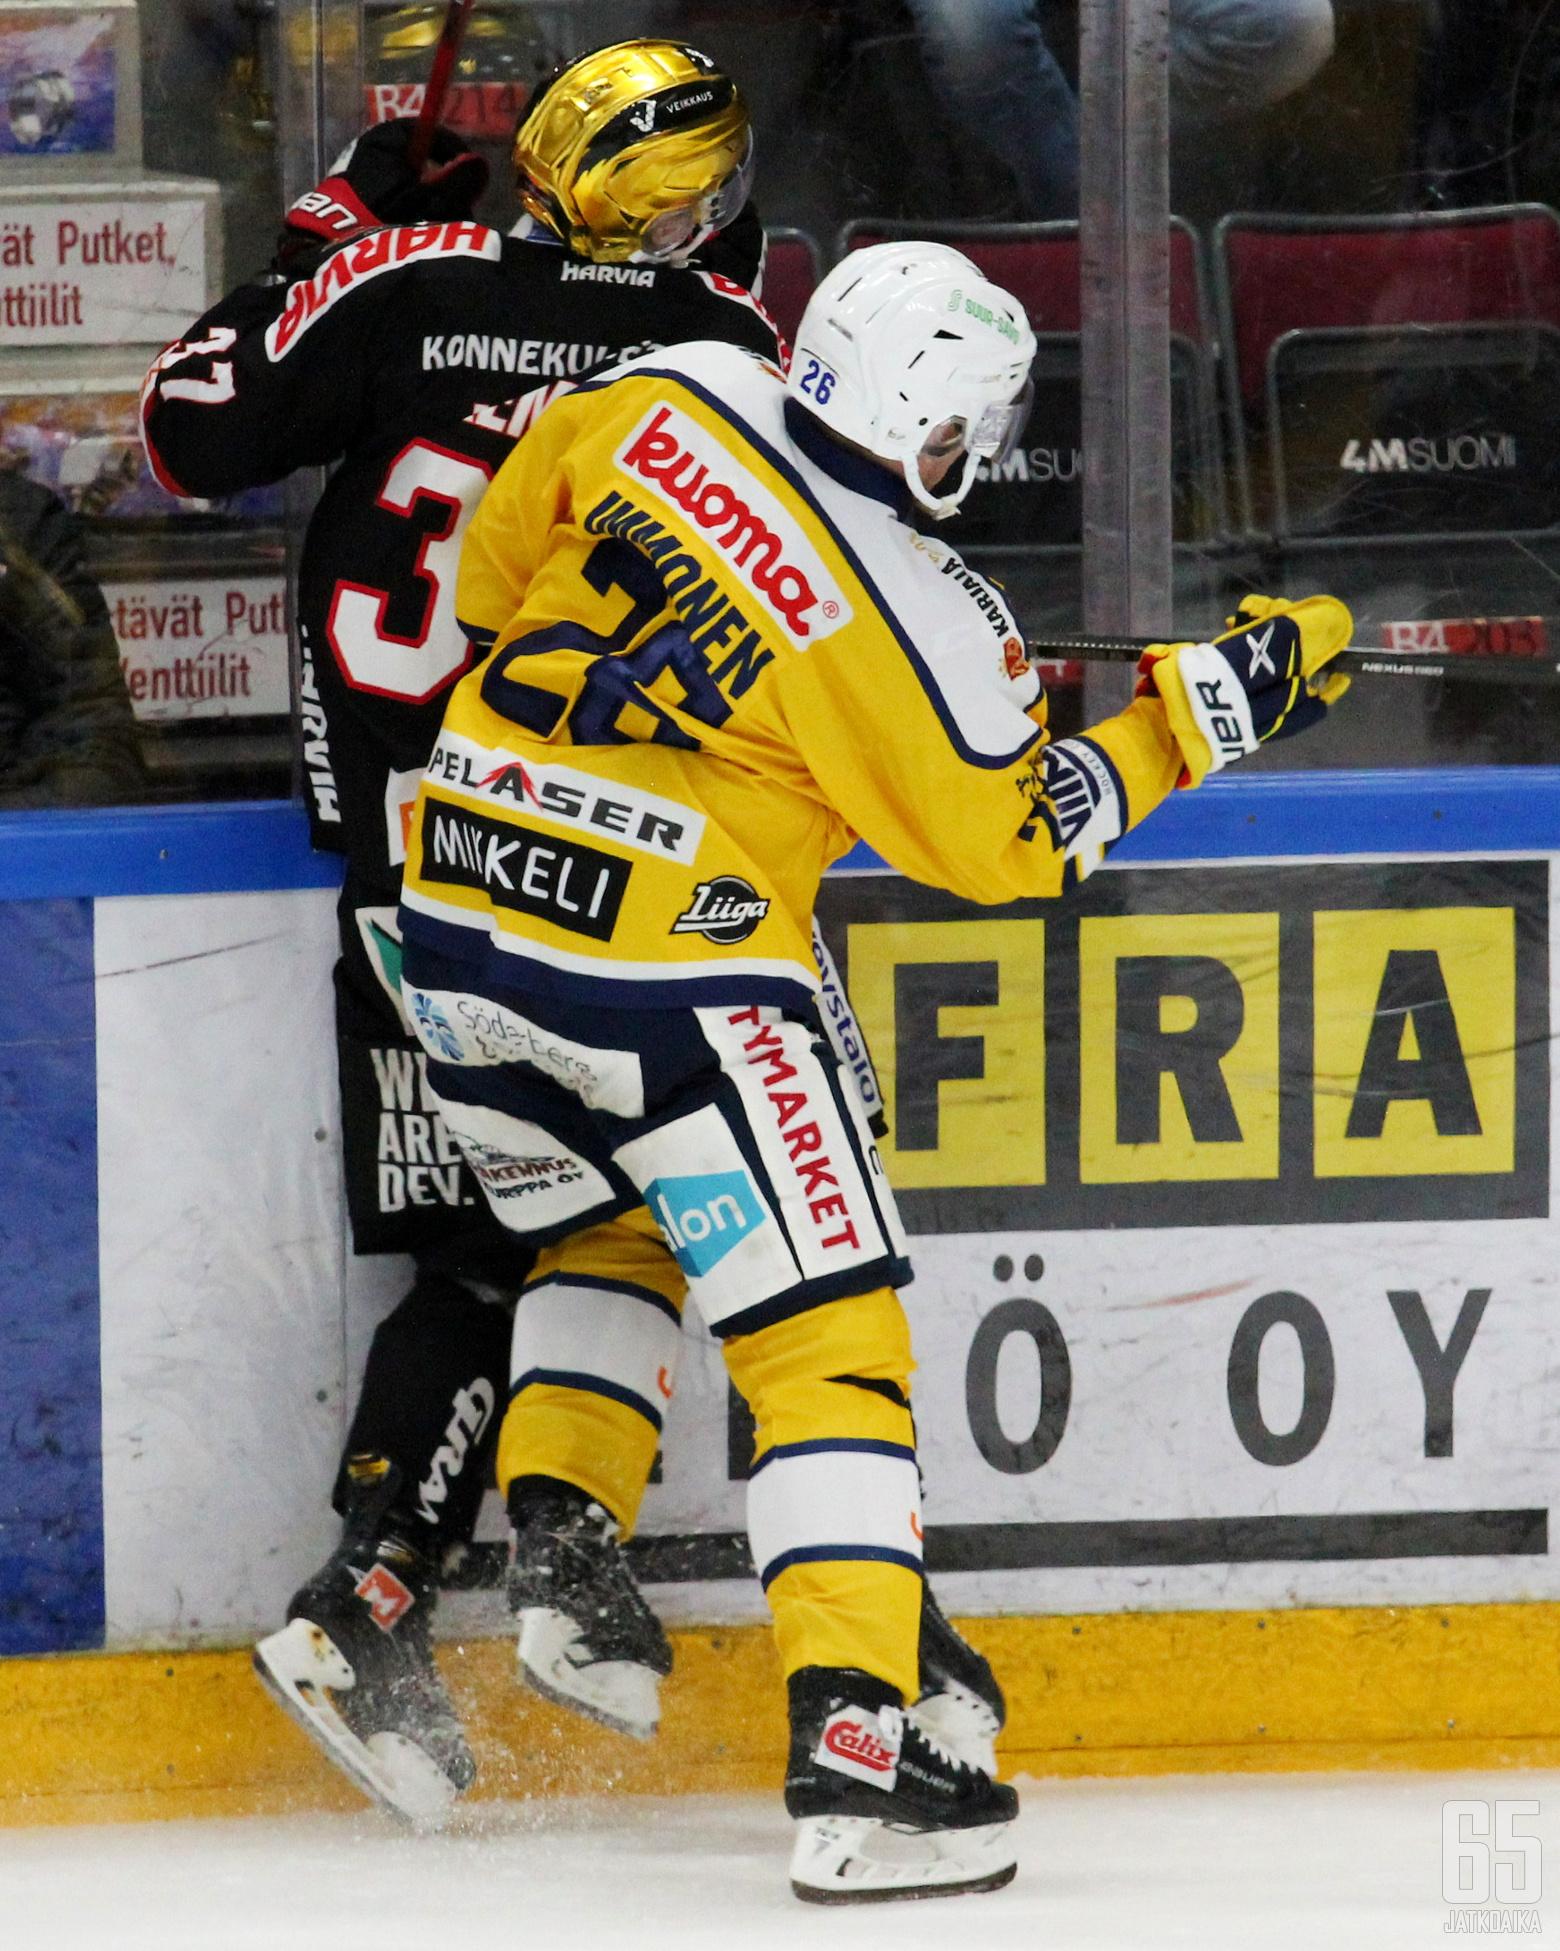 Jarkko Immonen ja Joakim Kemell ottivat yhteen torstai-illan taistelussa. Tällä kerralla tuleva mestari poistui kaukalosta voittajana.